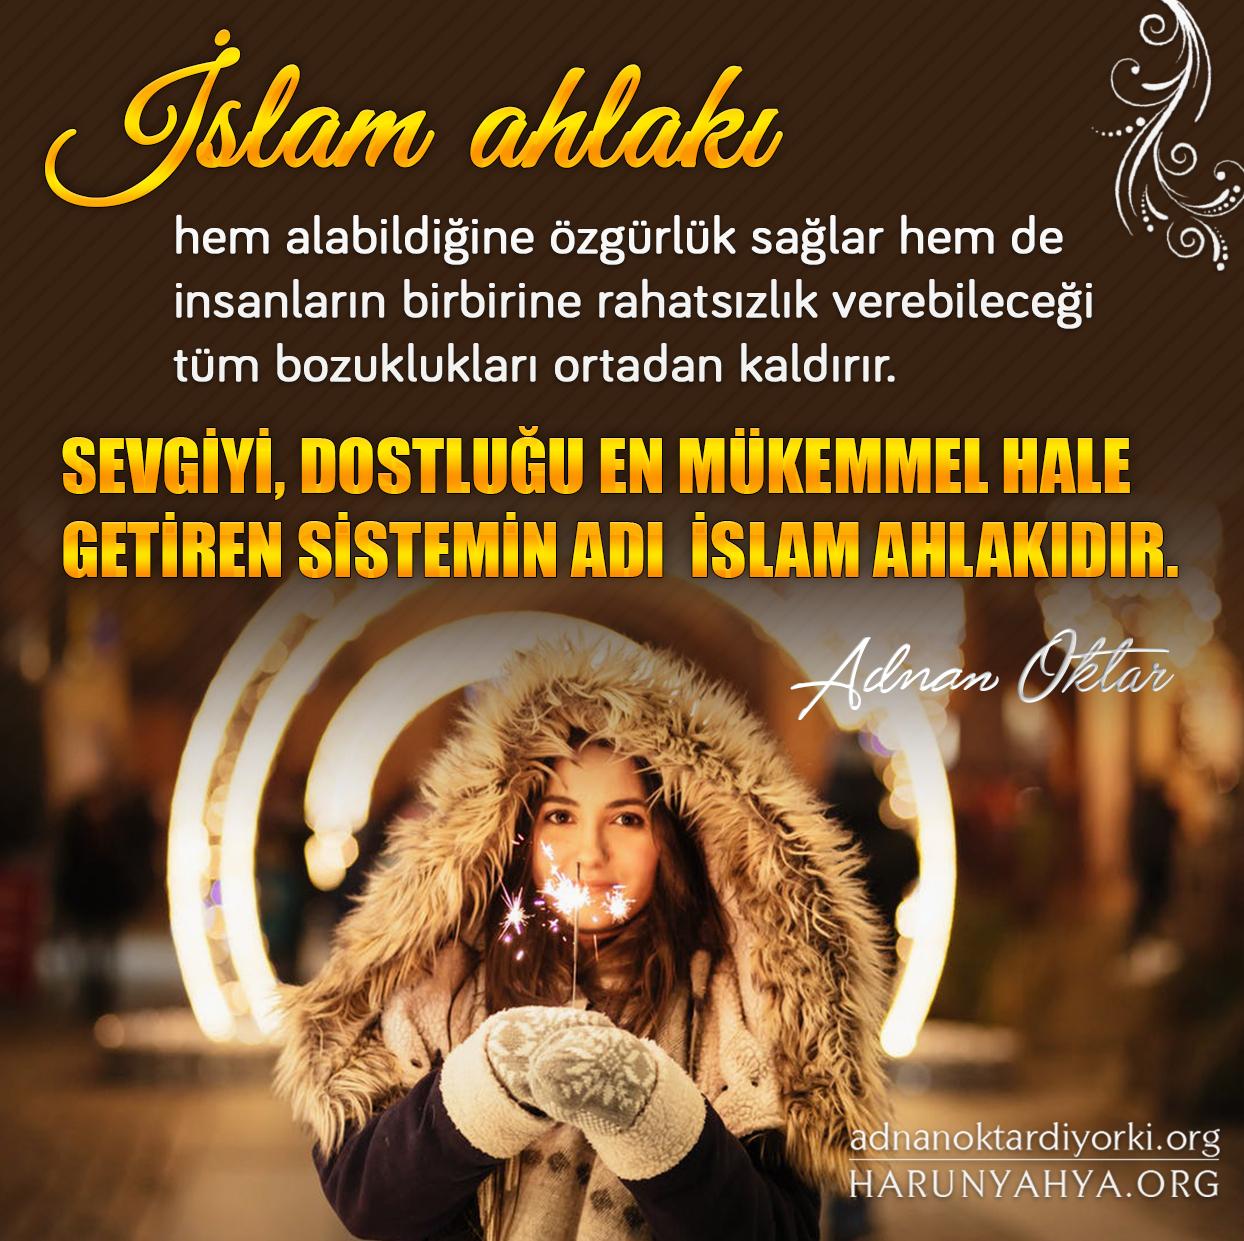 """<table style=""""width: 100%;""""><tr><td style=""""vertical-align: middle;"""">İslam ahlakı hem alabildiğine özgürlük sağlar hem de insanların birbirine rahatsızlık verebileceği tüm bozuklukları ortadan kaldırır. Sevgiyi, dostluğu en mükemmel hale getiren sistemin adı İslam ahlakıdır.</td><td style=""""max-width: 70px;vertical-align: middle;""""> <a href=""""/downloadquote.php?filename=1523771523562.jpg""""><img class=""""hoversaturate"""" height=""""20px"""" src=""""/assets/images/download-iconu.png"""" style=""""width: 48px; height: 48px;"""" title=""""Resmi İndir""""/></a></td></tr></table>"""